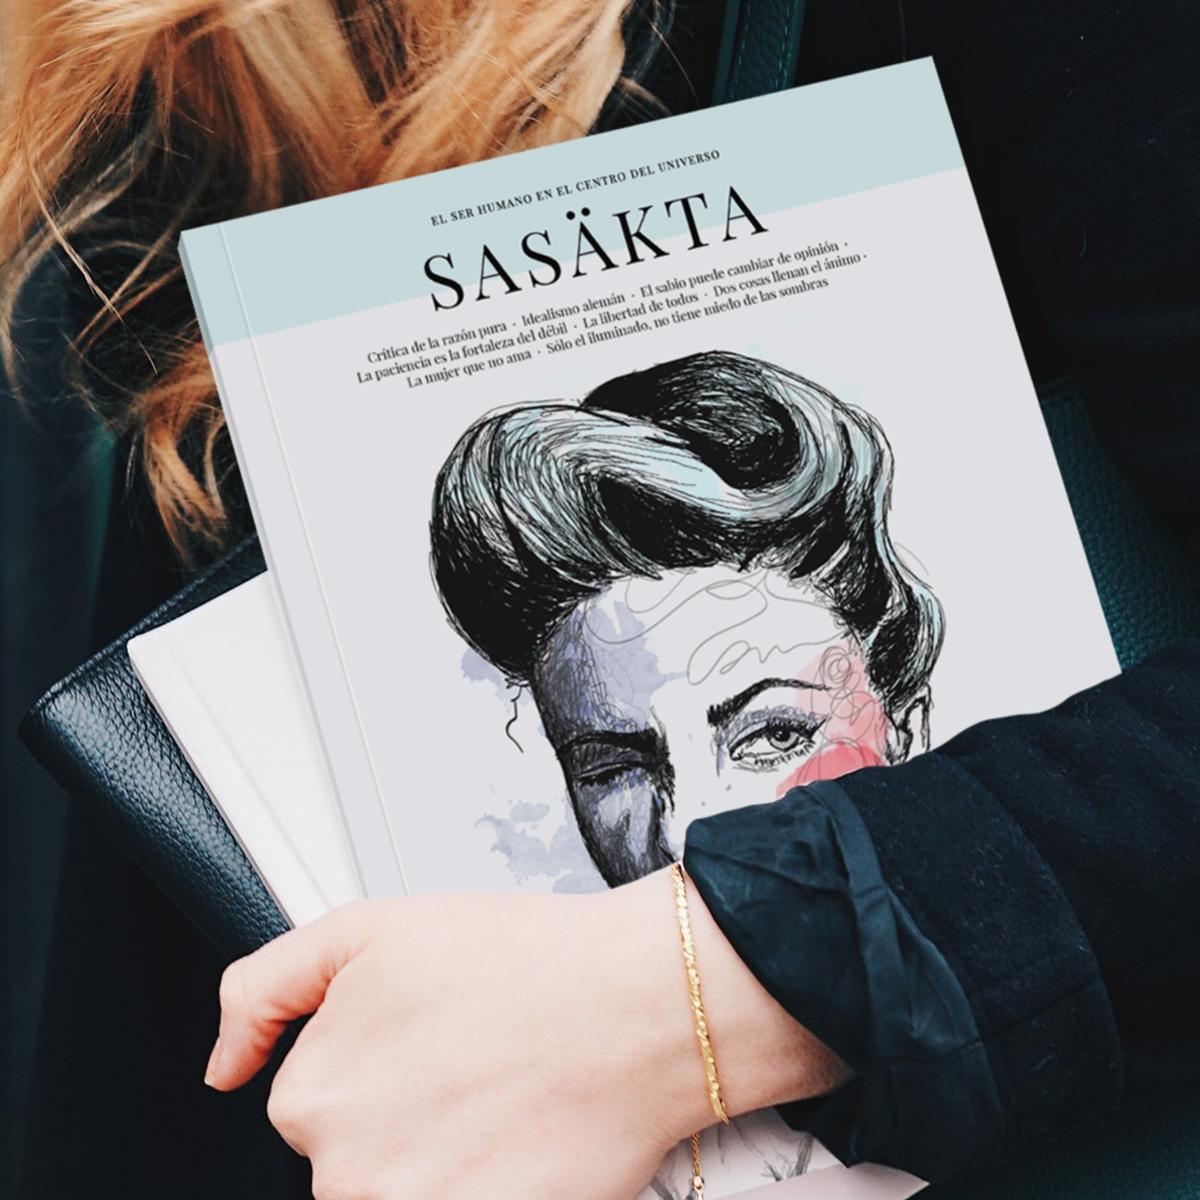 Sasàkta